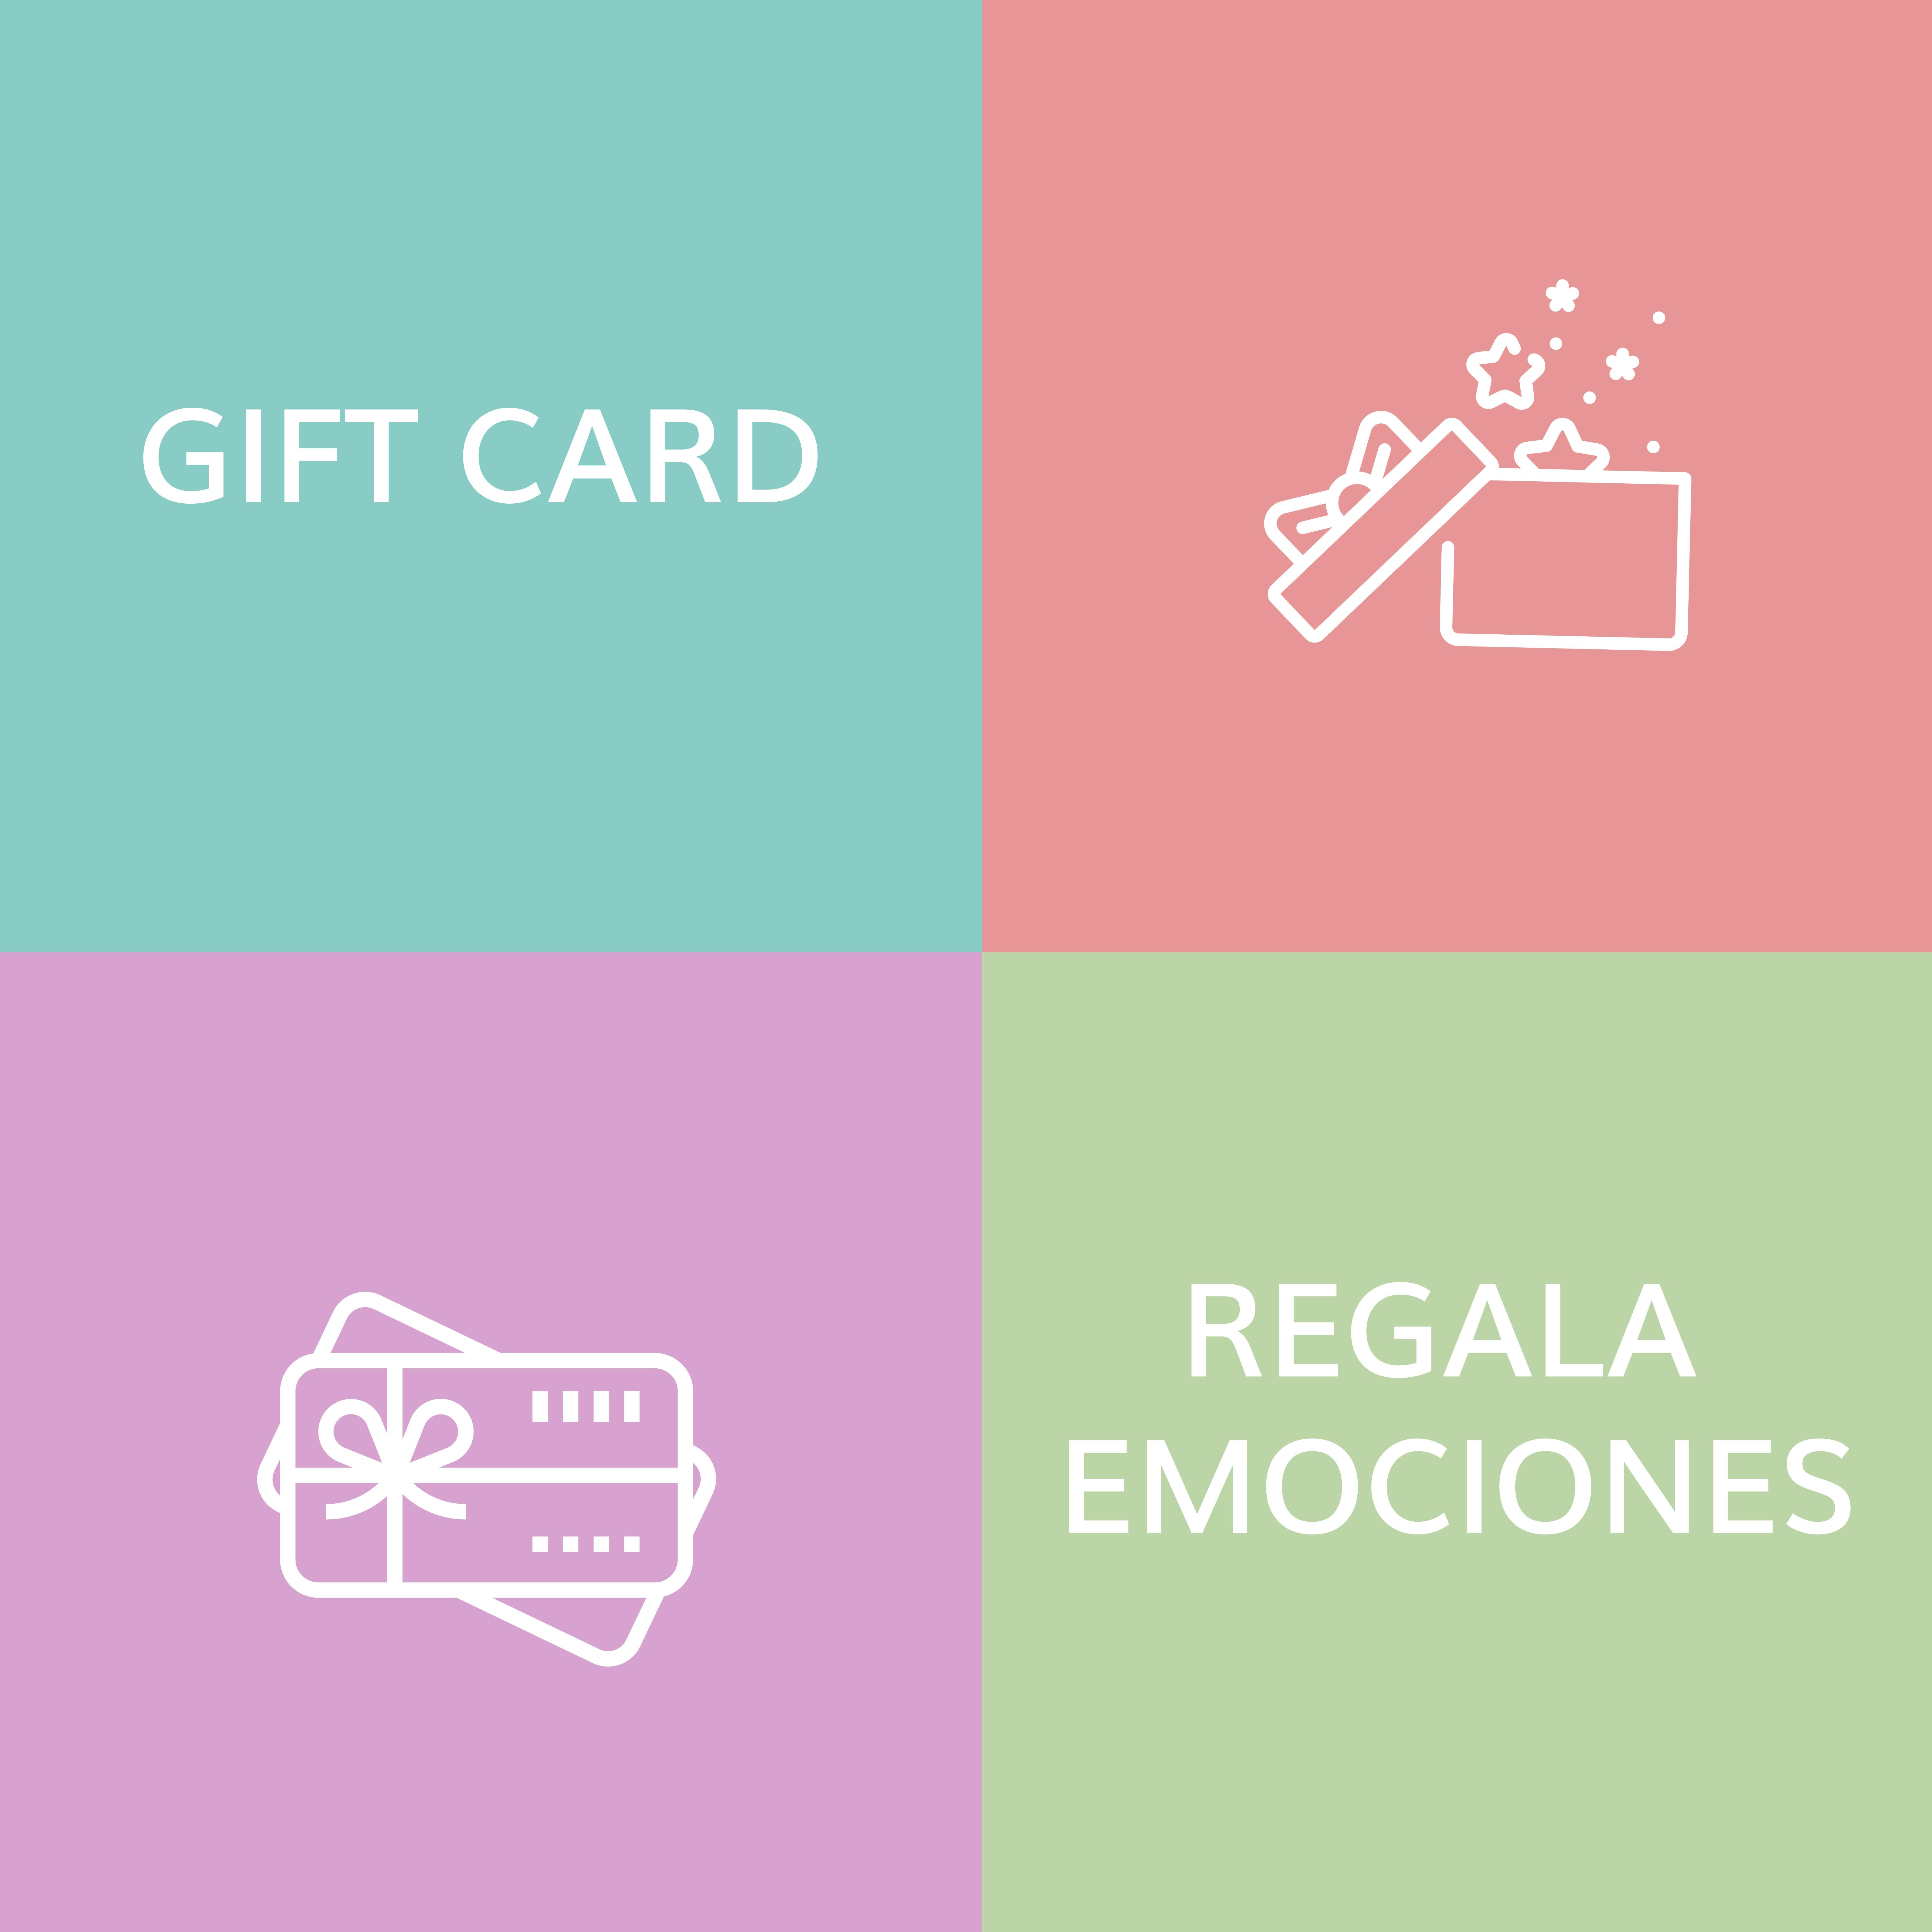 ¿Qué tal si te animas a regalar emociones? *Nuestras GIFT CARDS tienen una validez de 6 meses. Ver instrucciones para canjearlas.